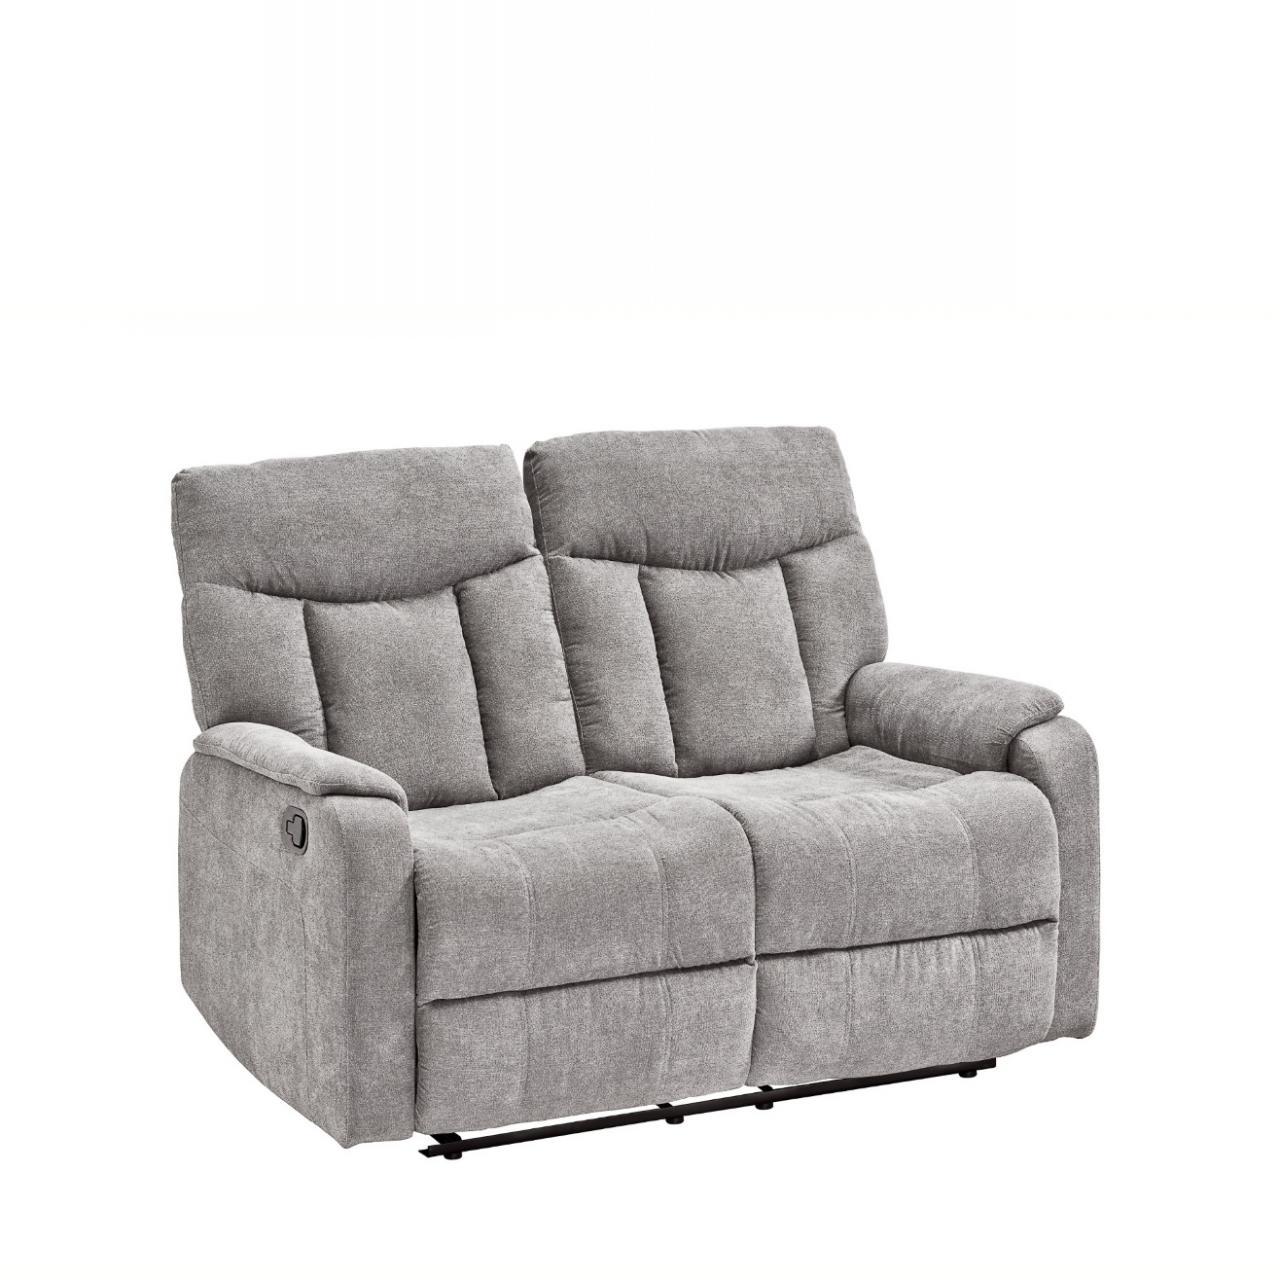 Full Size of 2 Sitzer Fm 3015 Grau Couch Relaxfunktion Wohnzimmer Mikrofaser Sofa Leder Braun Schlafsofa Liegefläche 160x200 Bett 2x2m Betten 180x200 Mit Stauraum 140x200 Sofa 2 Sitzer Sofa